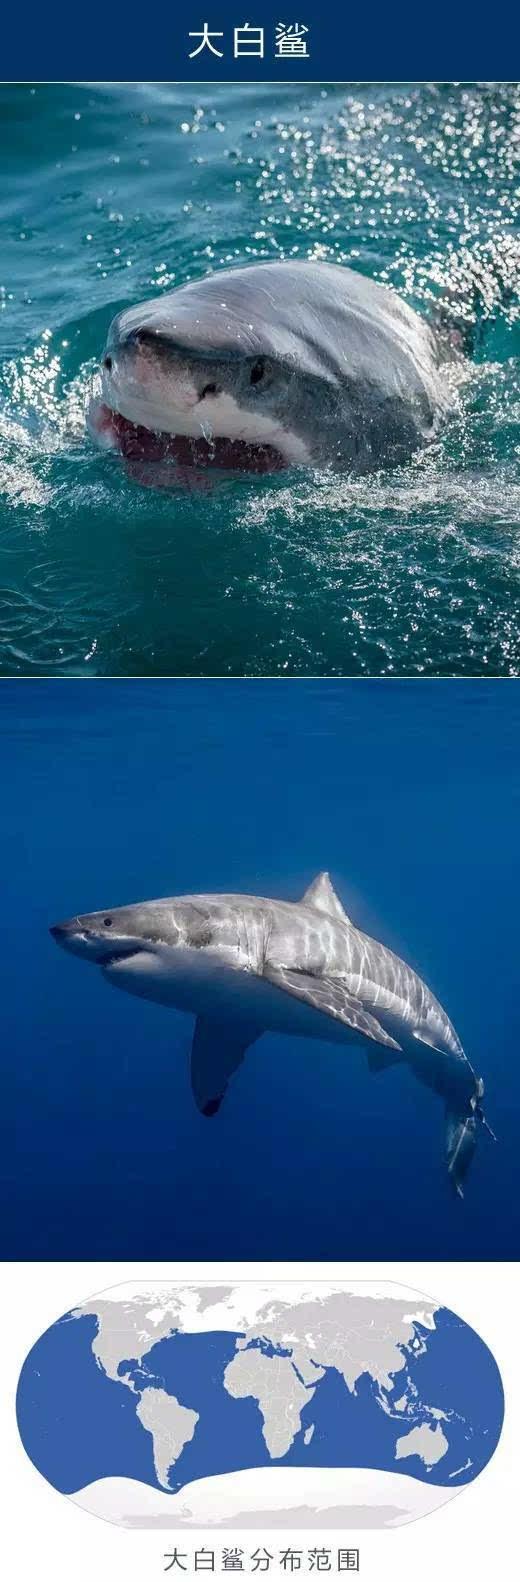 中文名:大白鲨 英文名:Great white shark 学名:Carcharodon carcharias 大白鲨体型庞大,是世上最大的掠食性鱼类。其身长可达6米,重量可达2,500千克。其为许多海洋哺乳类动物的主要天敌,另也会猎食海鸟和其他鱼类等一切能捕杀到的海洋生物。大白鲨袭击人类的次数同时也在所有鲨鱼中位列第一,故为声名狼藉的水中捕猎者。不少电影及小说也因此以大白鲨噬人作主题,但事实上人类并非其理想的猎物。 最长寿的动物